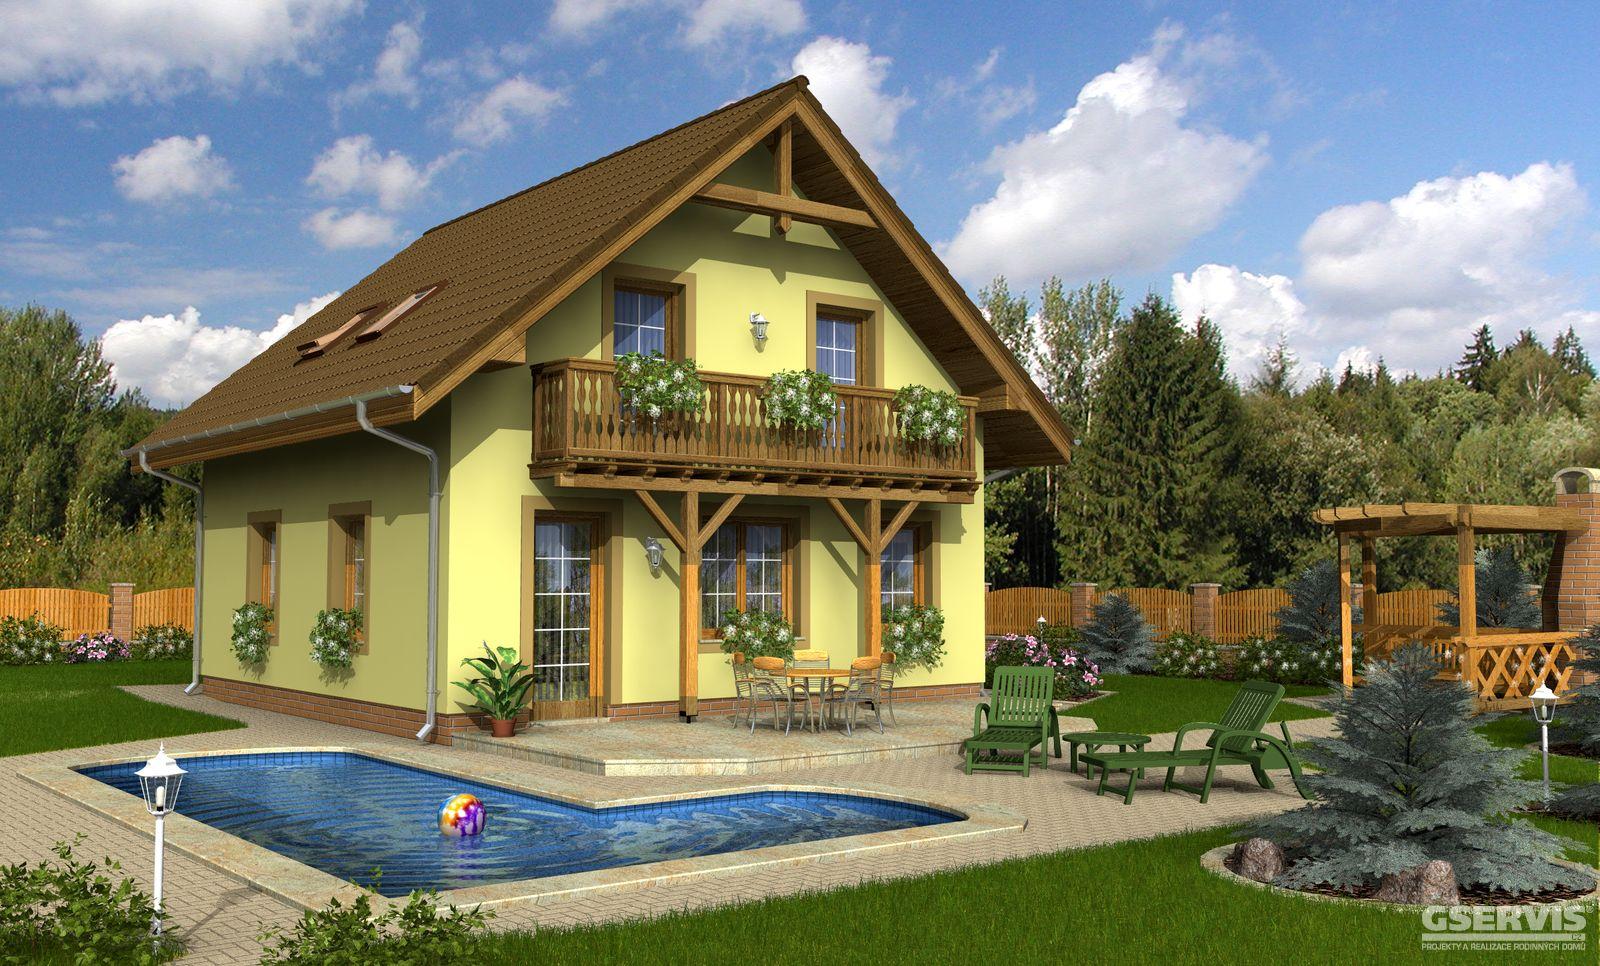 Жилой дом (Каркасная панель) за 1 447 100 руб. Строительство Коттедж.ру